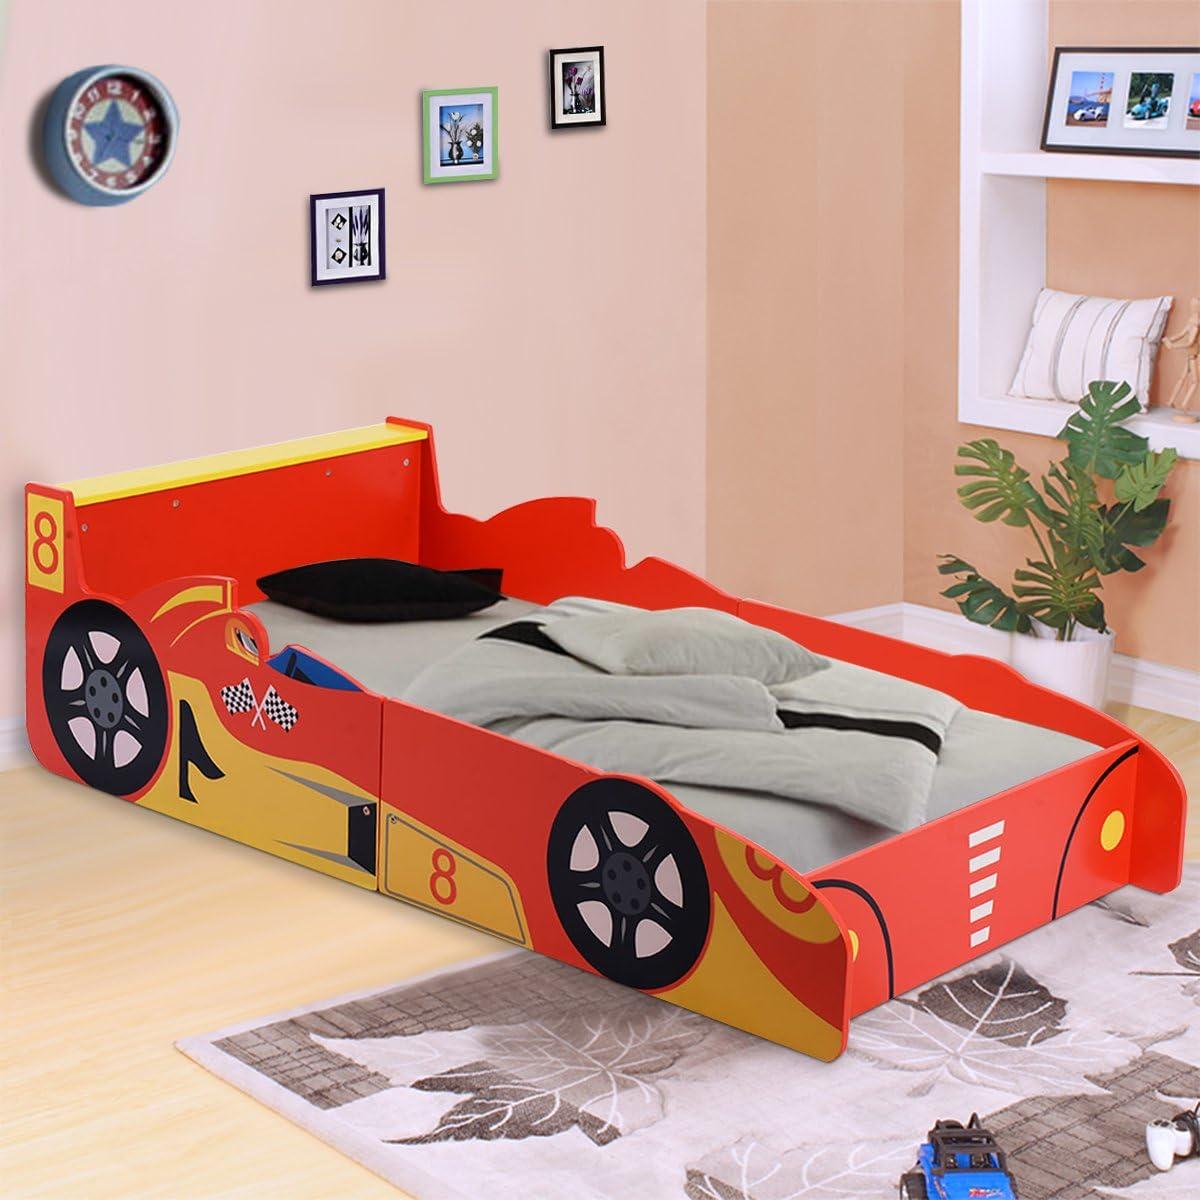 Costway Kids Bed Wooden Racing Car Themed Bed Boys Bedroom Furniture Junior Toddler Children Home Indoor Red Amazon Co Uk Baby